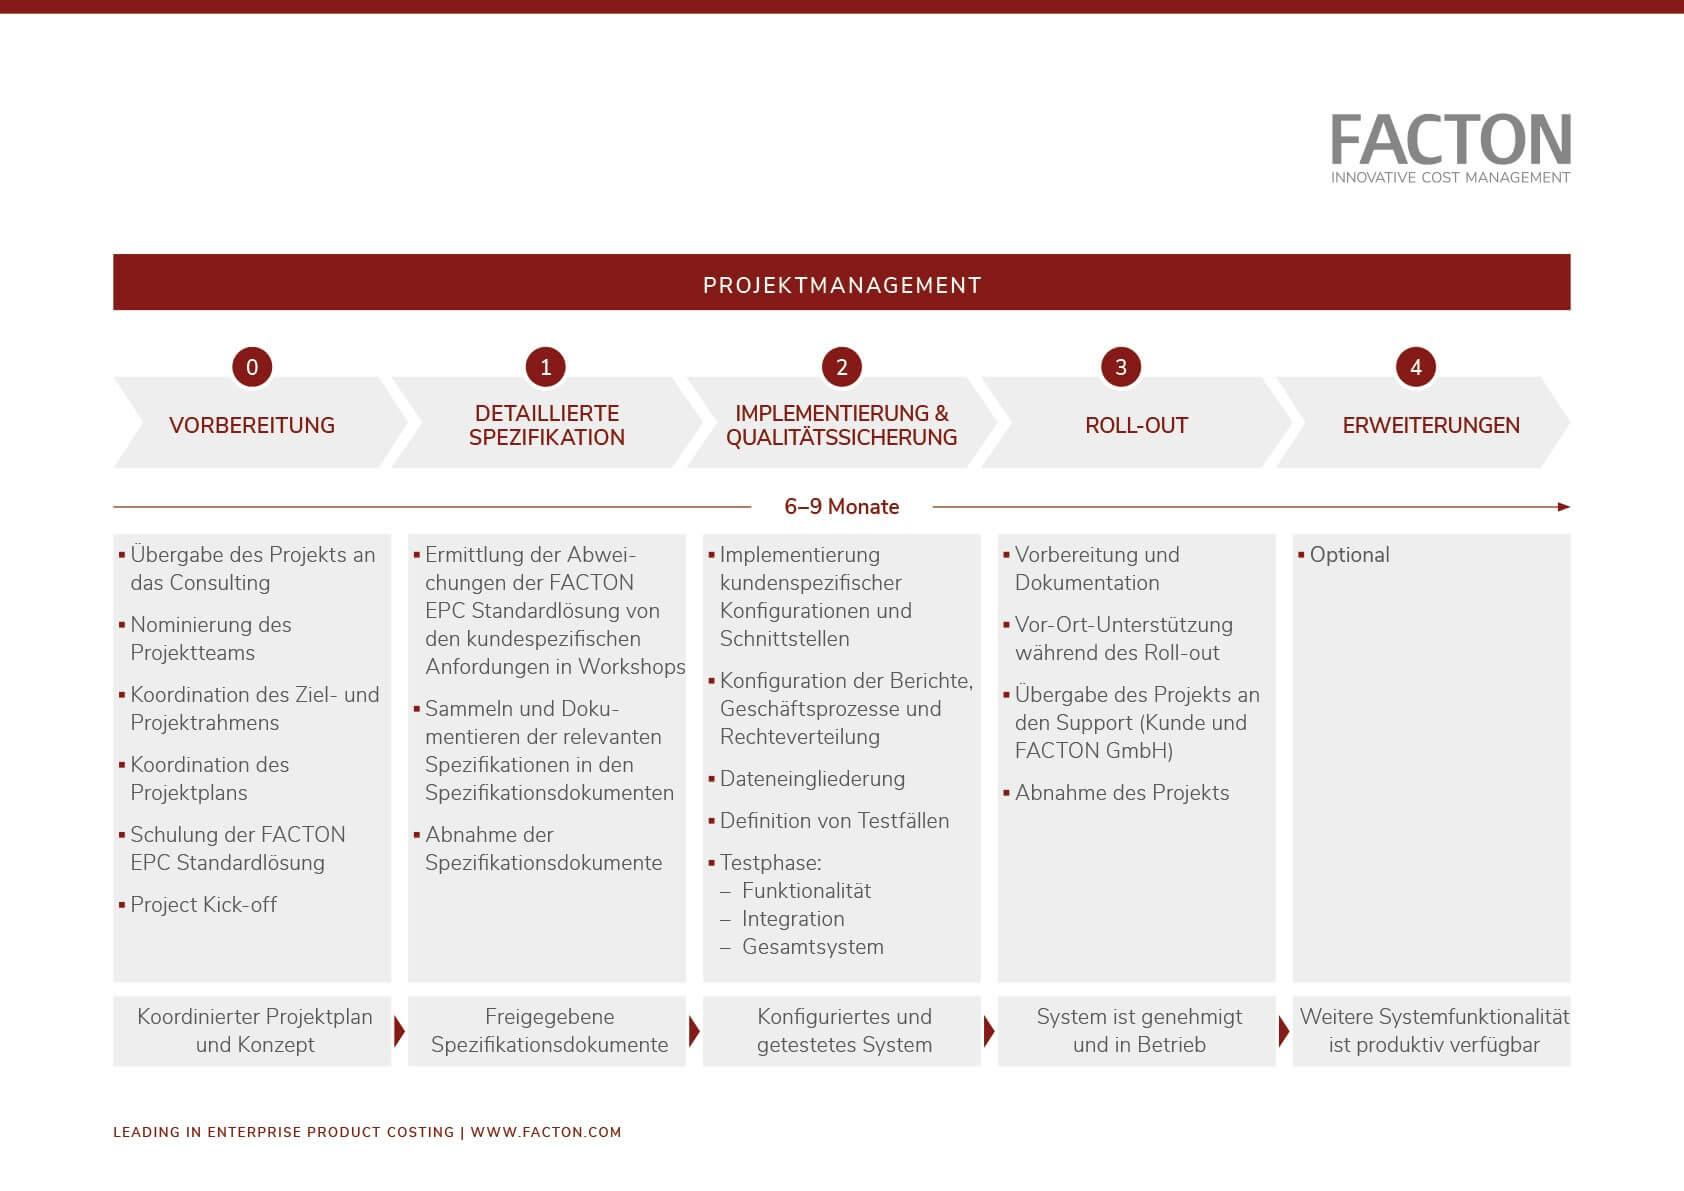 180308_Projectimplementation at FACTON_de-1